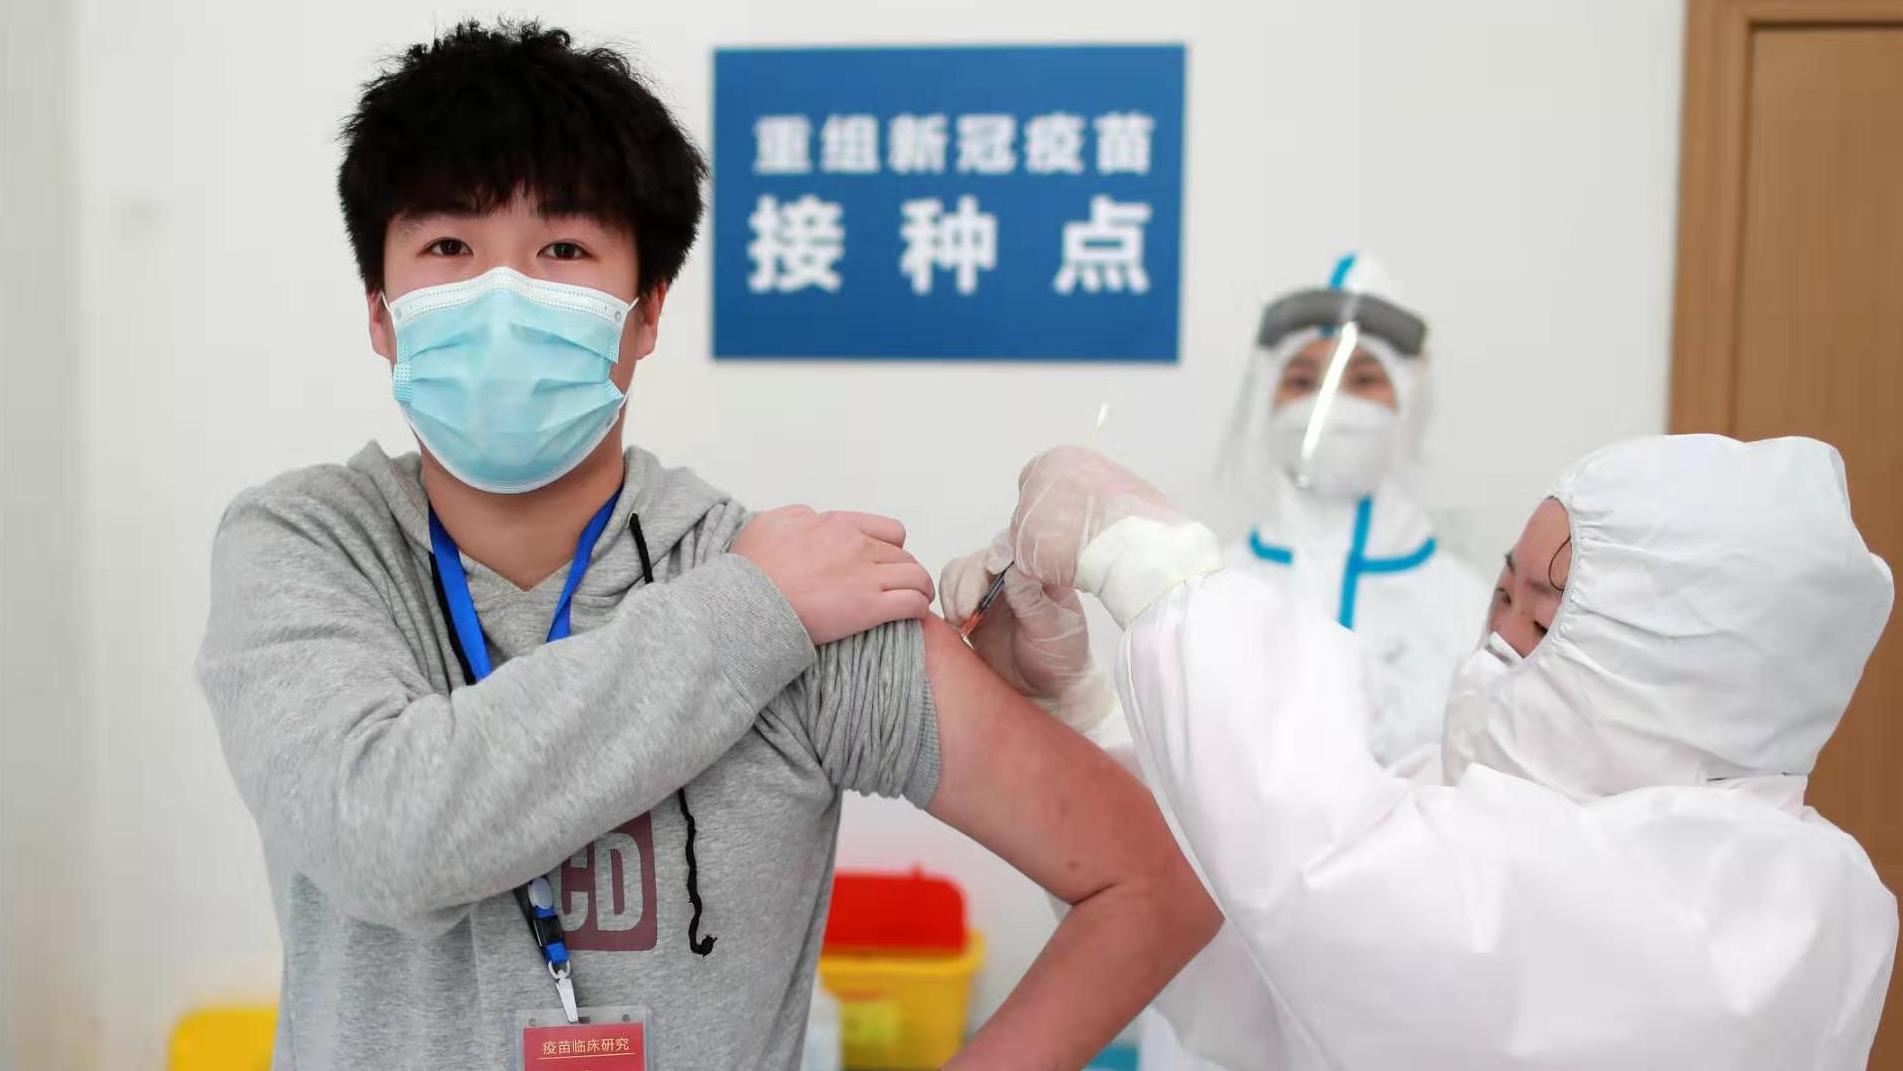 △武汉自愿者接种重组新冠病毒疫苗Ⅱ期临床实行(图片泉源:人民视觉)